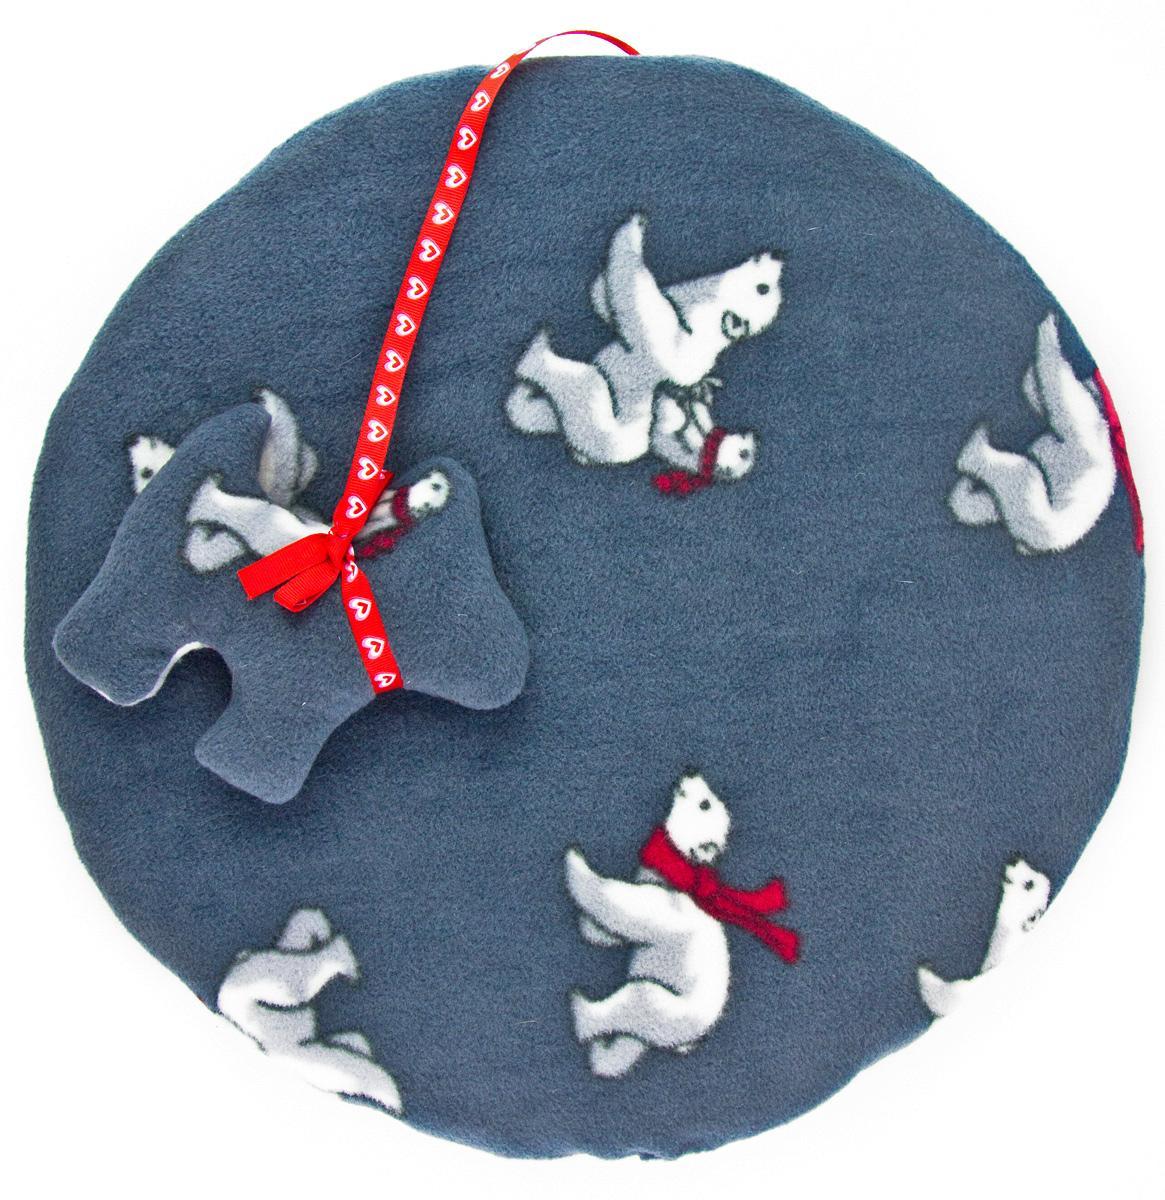 Лежак-коврик для животных Zoobaloo Мишки, с игрушкой, 40 х 40 см1152Великолепный флисовый лежак-коврик Zoobaloo - это отличный аксессуар для вашего питомца, на котором можно спать, играться и снова, приятно устав, заснуть. Он идеально подходит для полов с любым покрытием. Изделие поддерживает температурный баланс вашего питомца в любое время года. Наполнитель выполнен из синтепона.